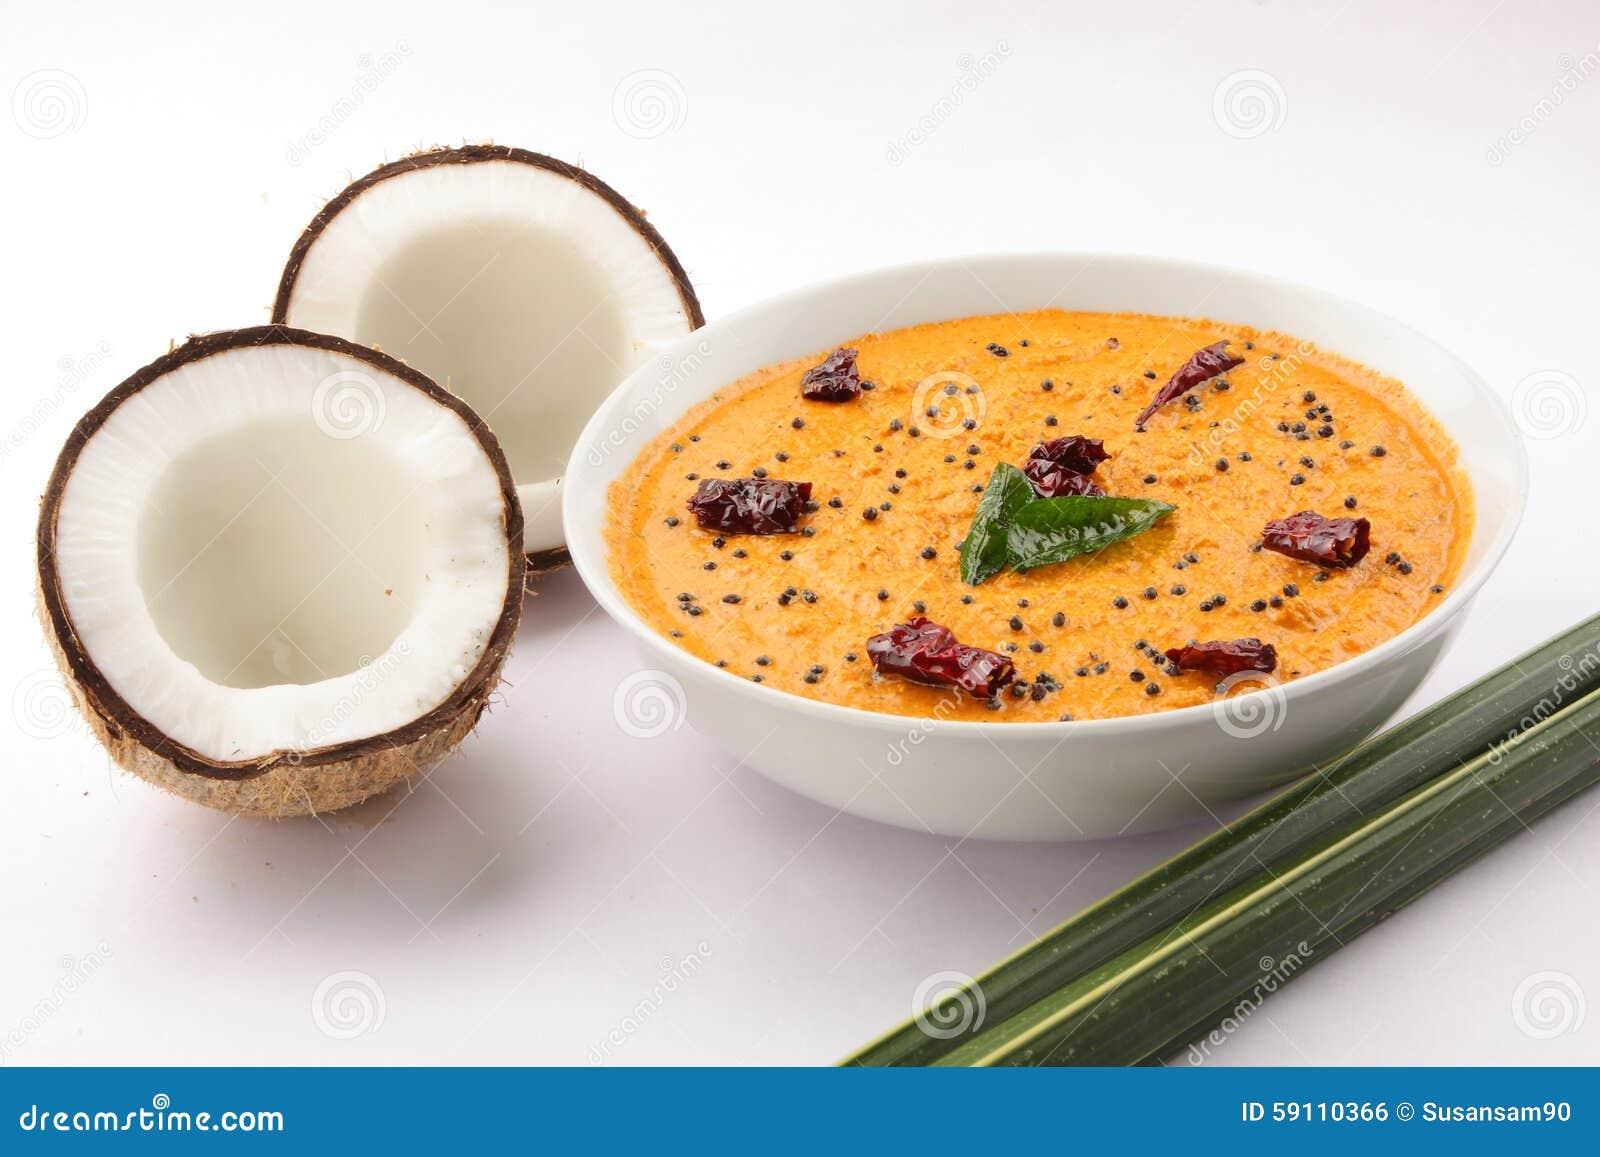 辣椰子酸辣调味品 用椰子